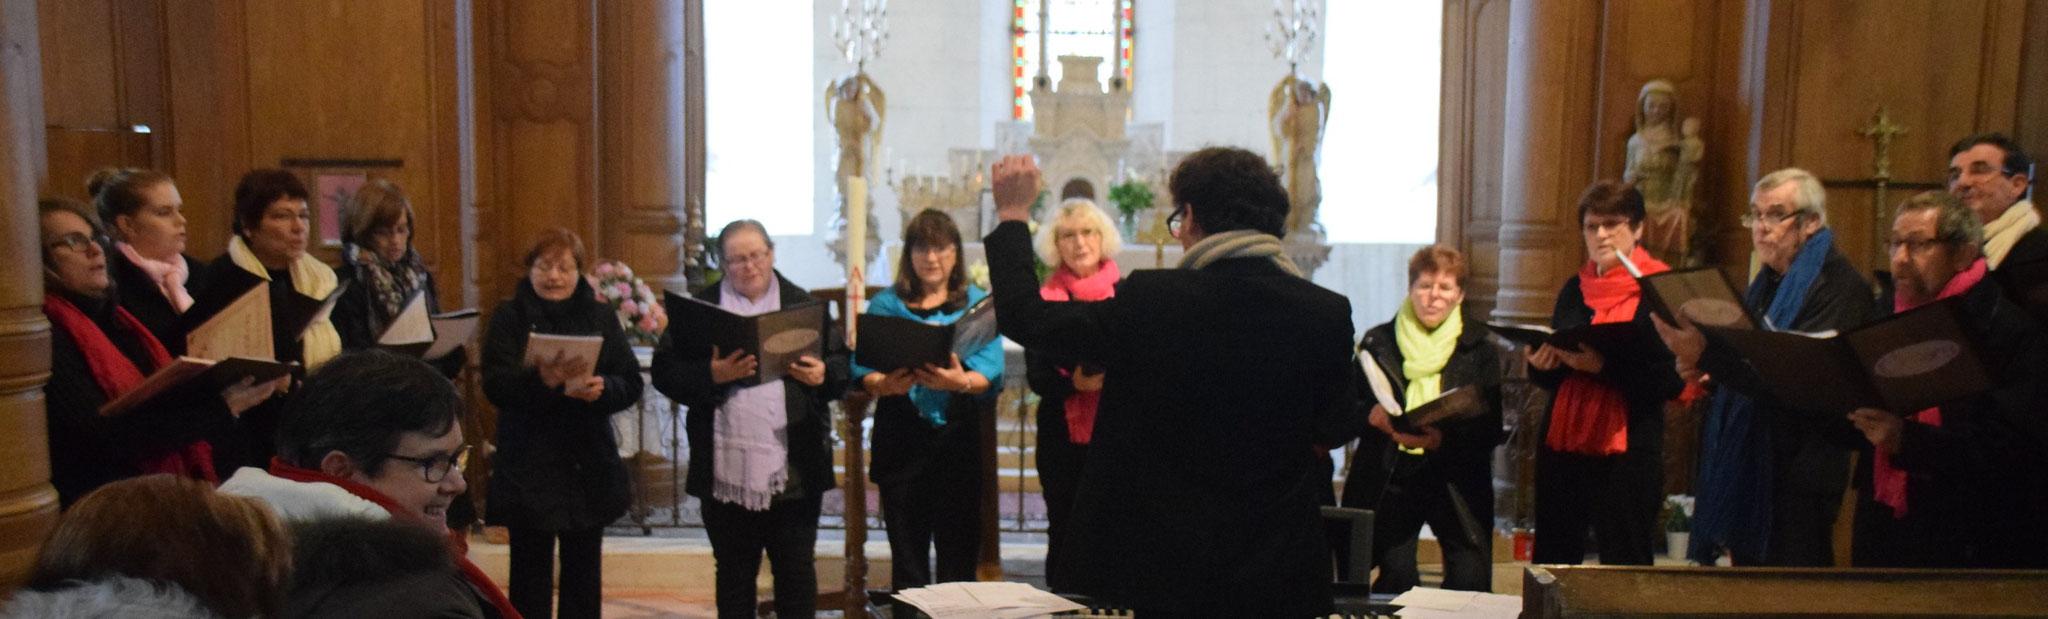 La chorale Cholory chante depuis 18 ans.